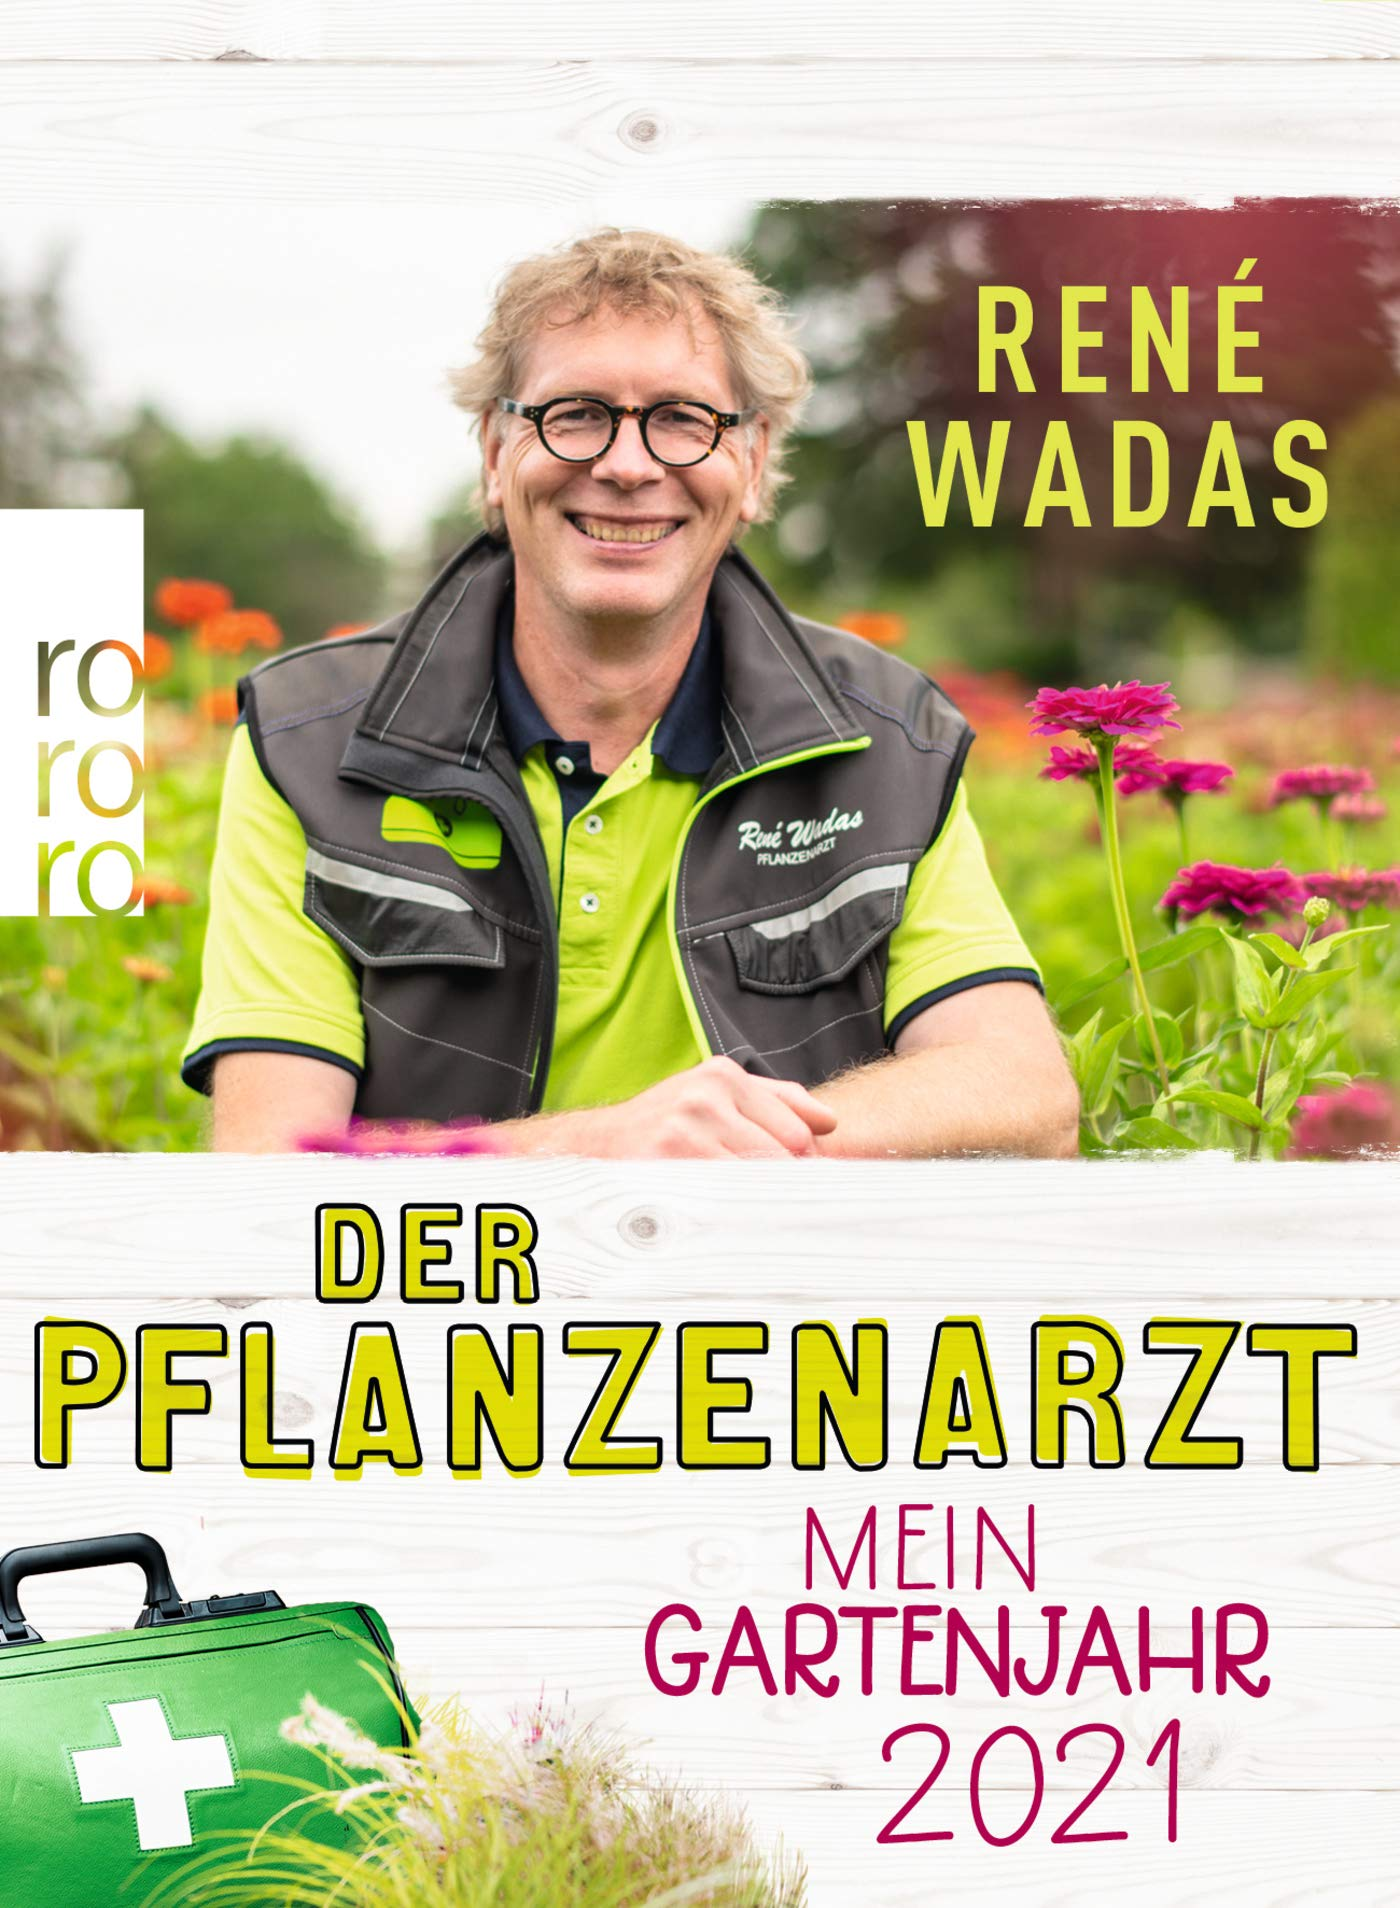 Der Pflanzenarzt Mein Gartenjahr 2021 Amazon De Wadas Rene Bucher